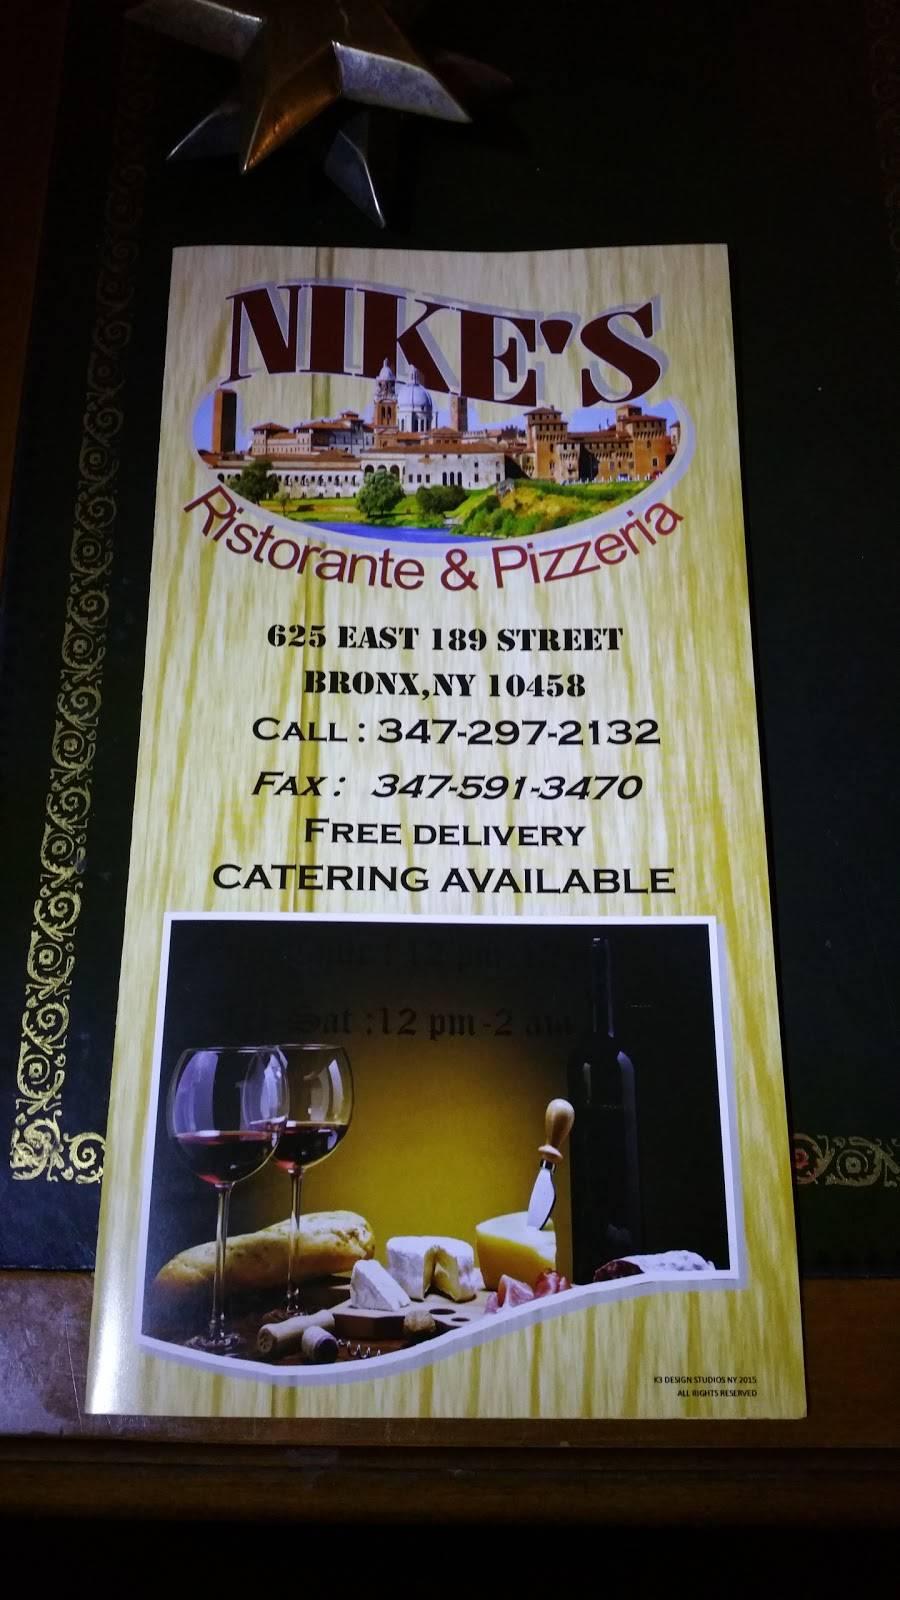 Nikes Pizzeria | restaurant | 625 E 189th St, Bronx, NY 10458, USA | 3472972132 OR +1 347-297-2132